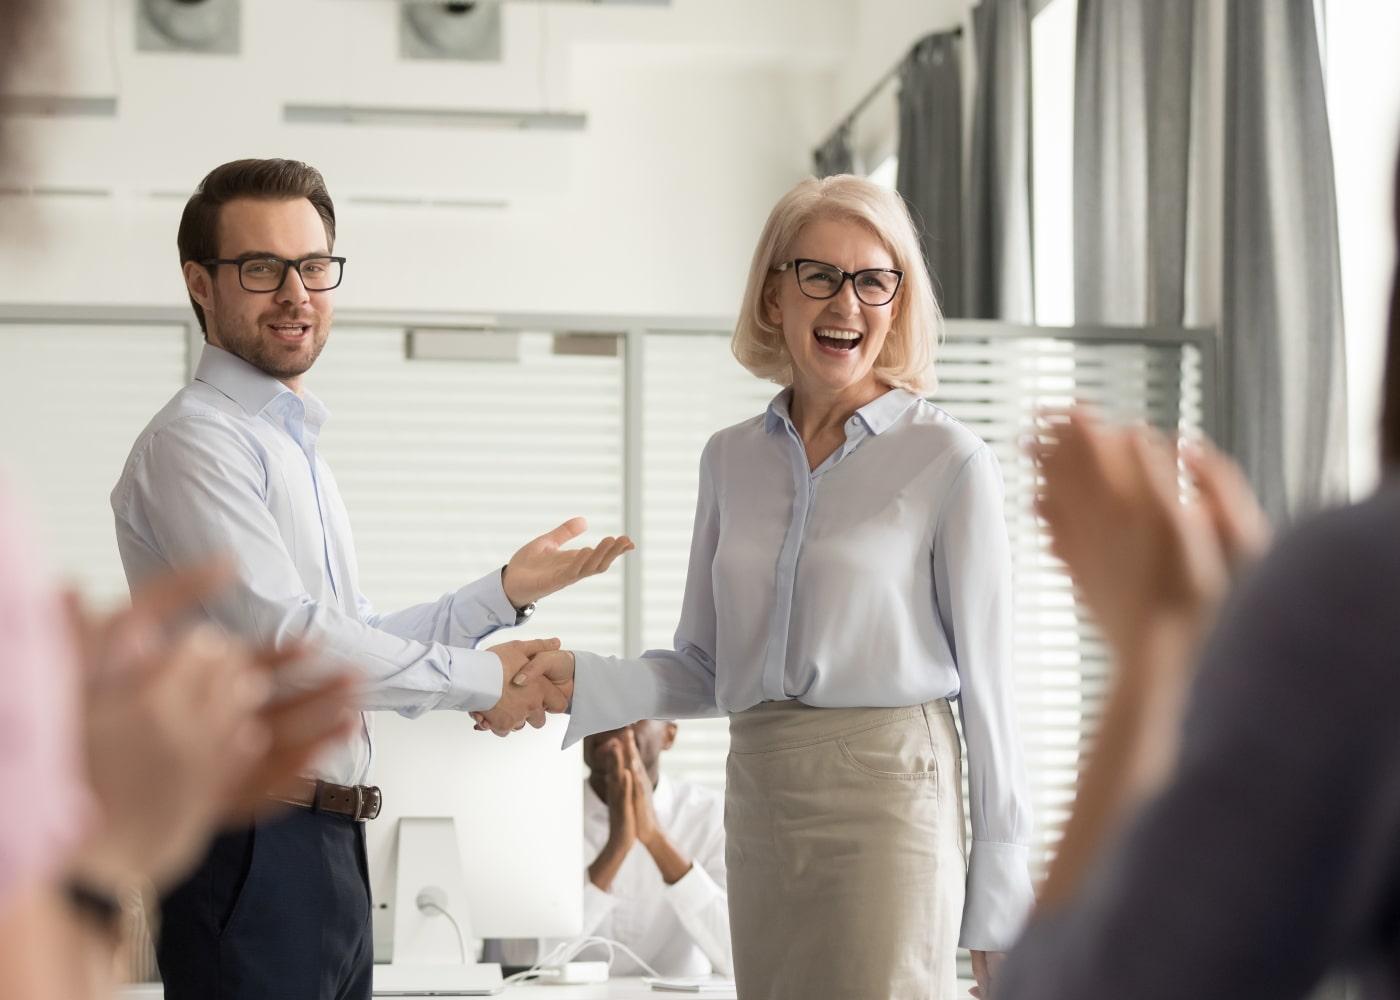 Effective Leadership and Team Appreciation